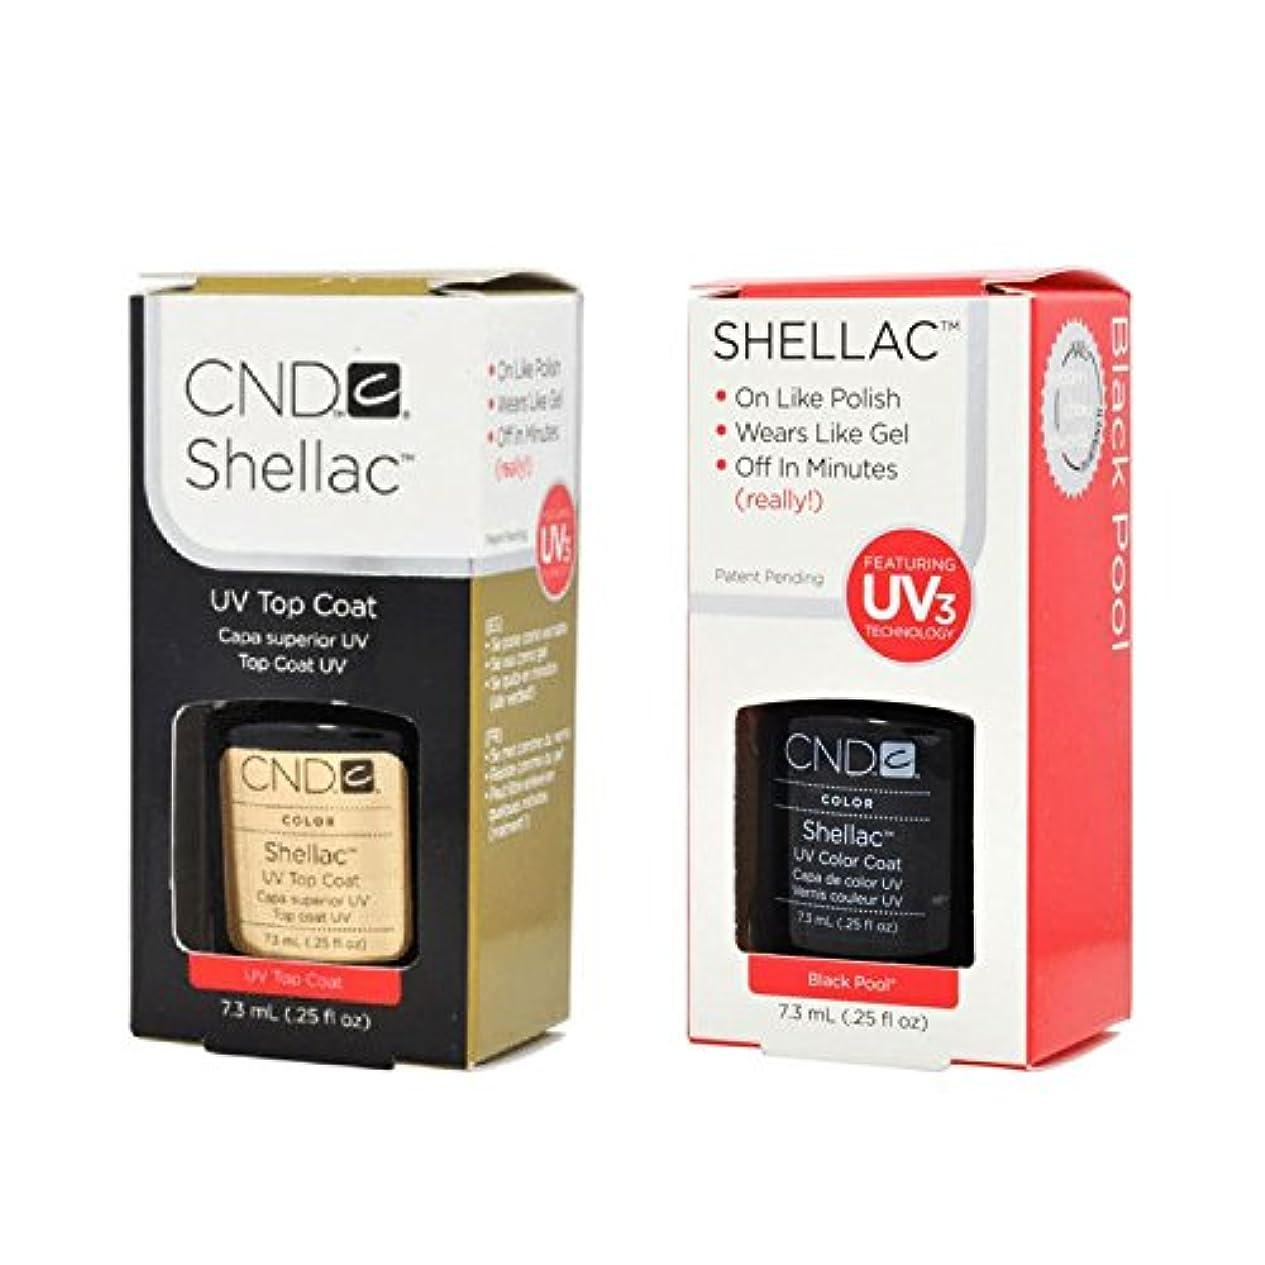 持っている制裁サイクロプスCND Shellac UVトップコート 7.3m l  &  UV カラーコー< Black Pool>7.3ml [海外直送品]